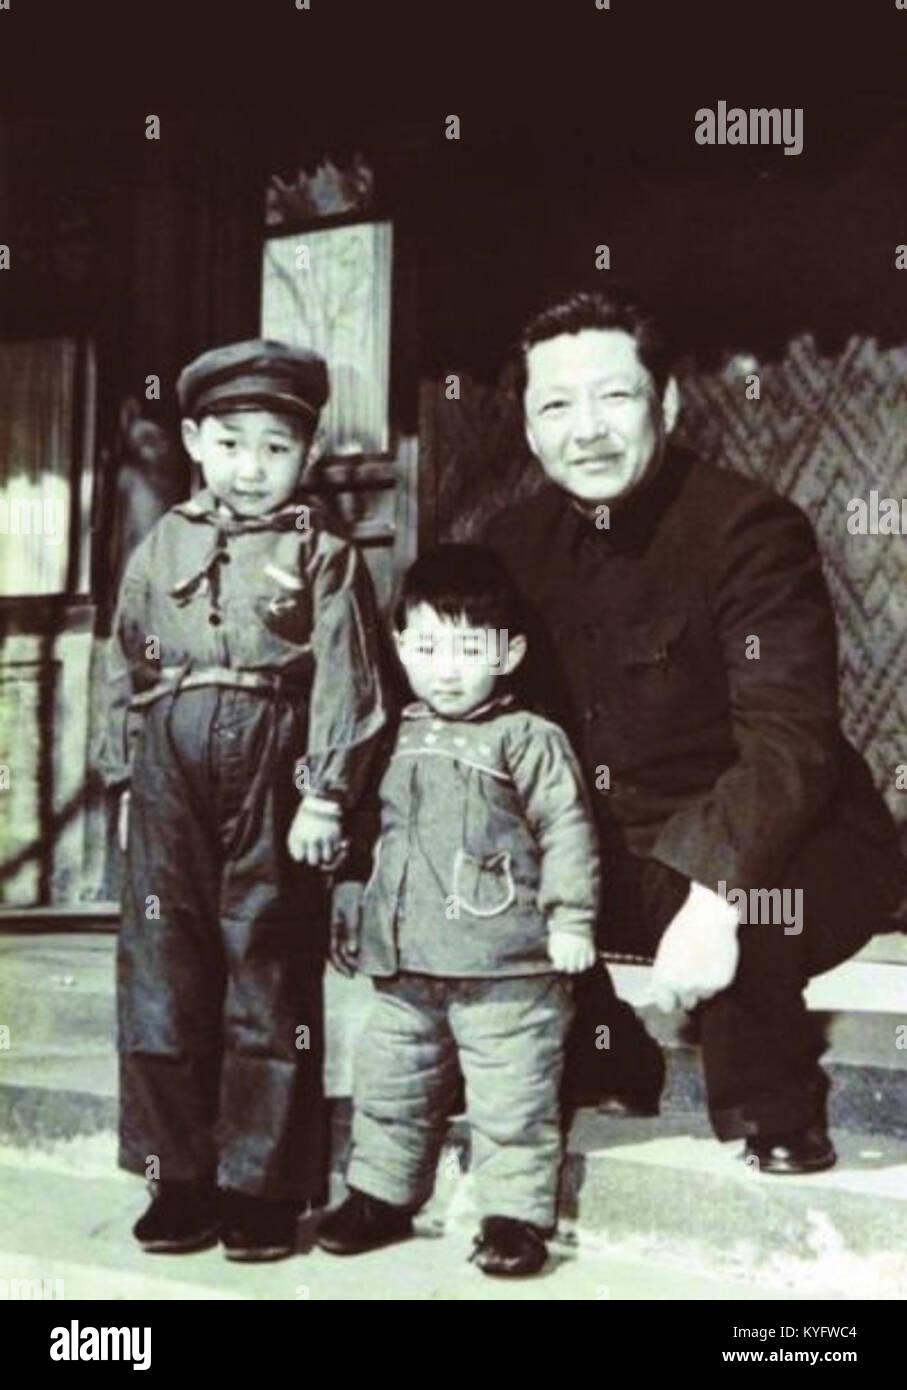 Xi Jinping, Xi Yuanping and Xi Zhongxun in 1958 - Stock Image